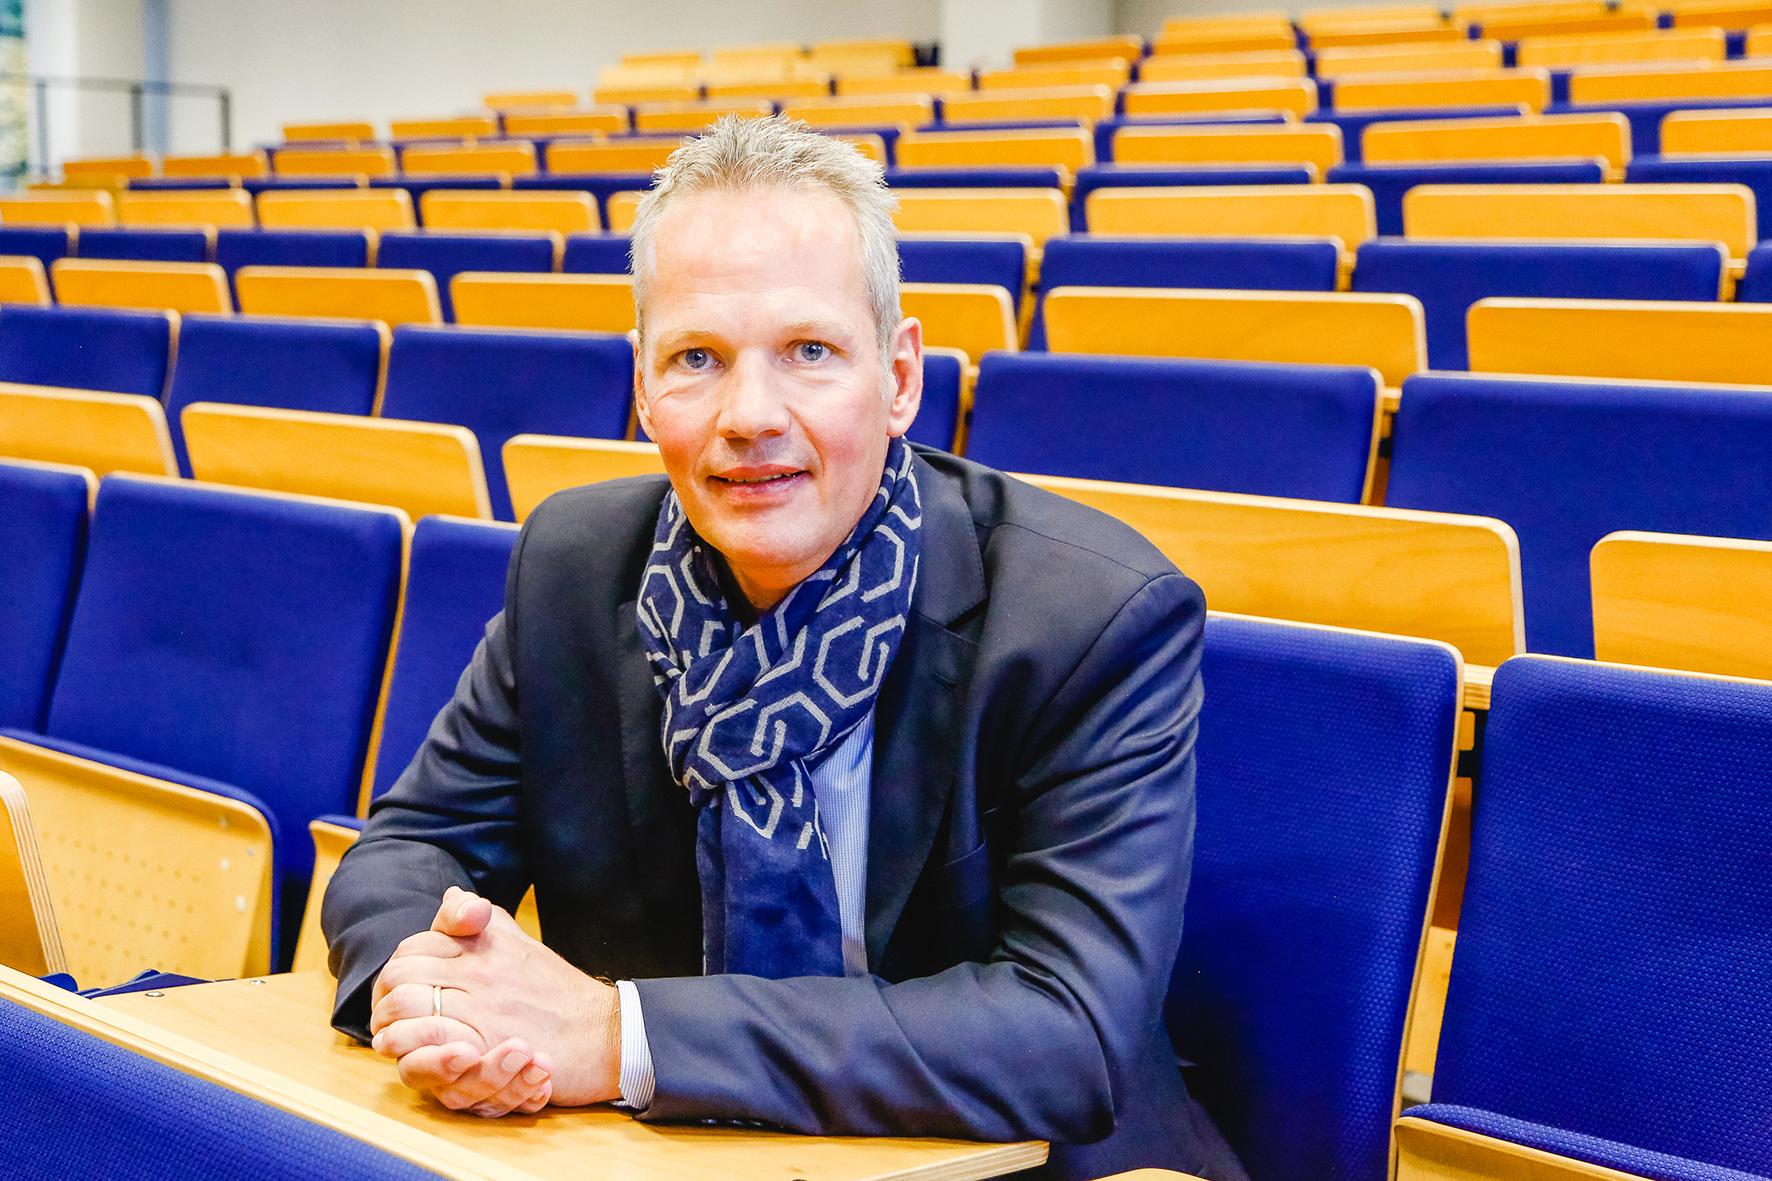 Prof. Dr. Ralf Schengber